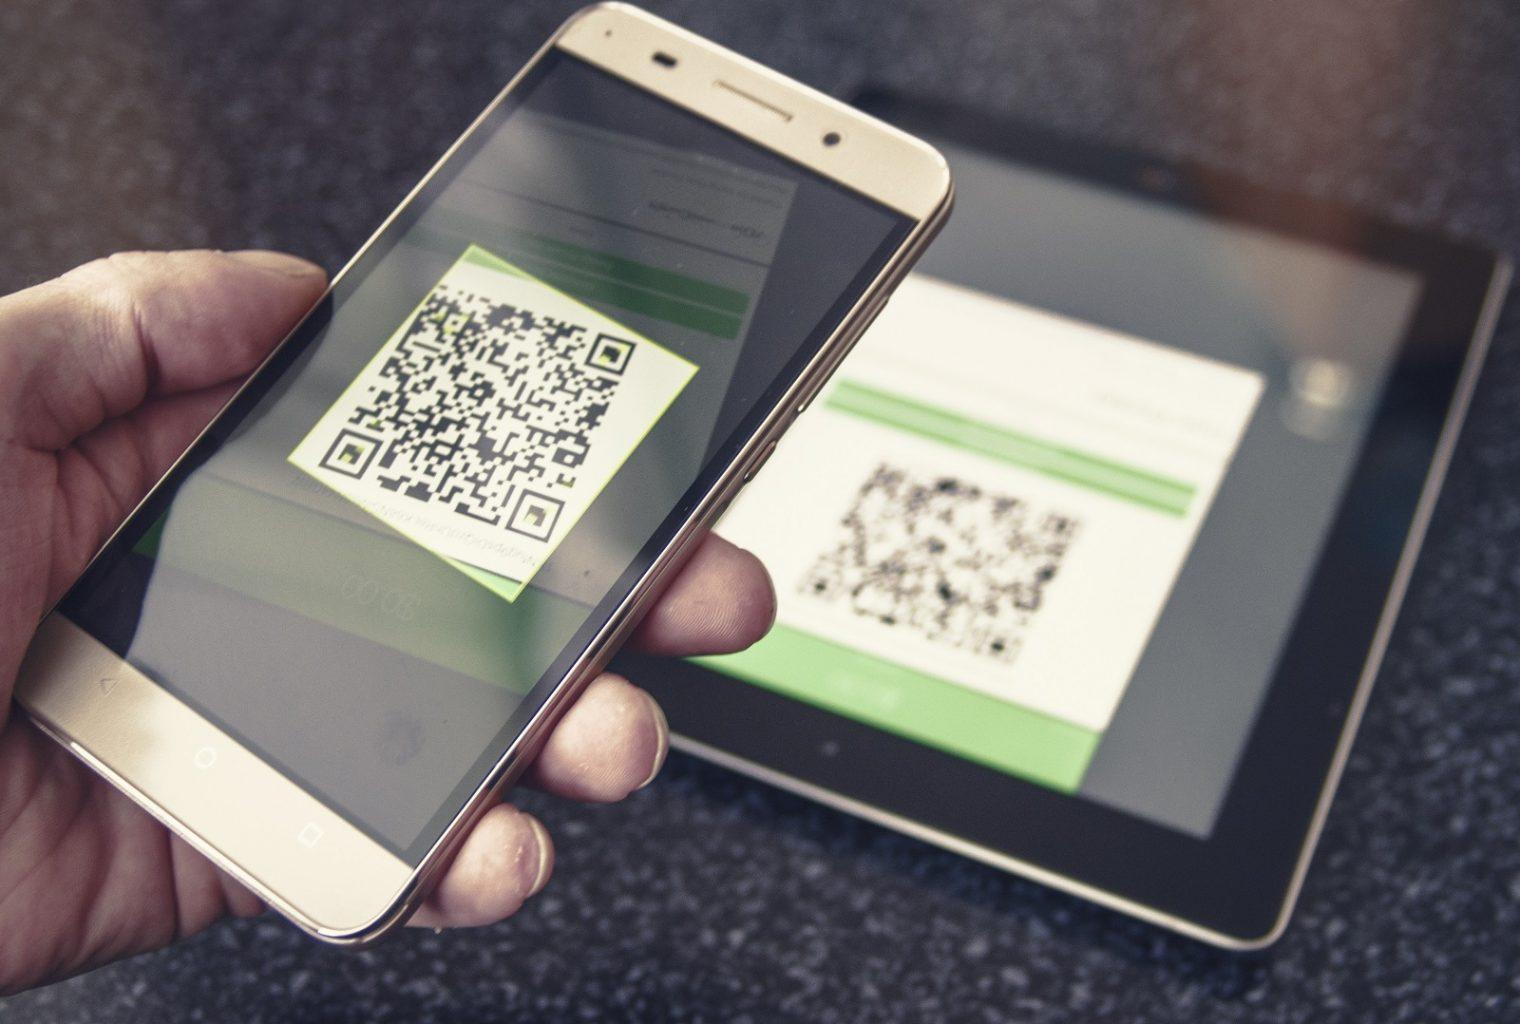 bch merchant app consente alle aziende di accettare pagamenti criptati in negozio bitcoin news - BCH Merchant App consente ai commercianti di accettare pagamenti criptati in negozio